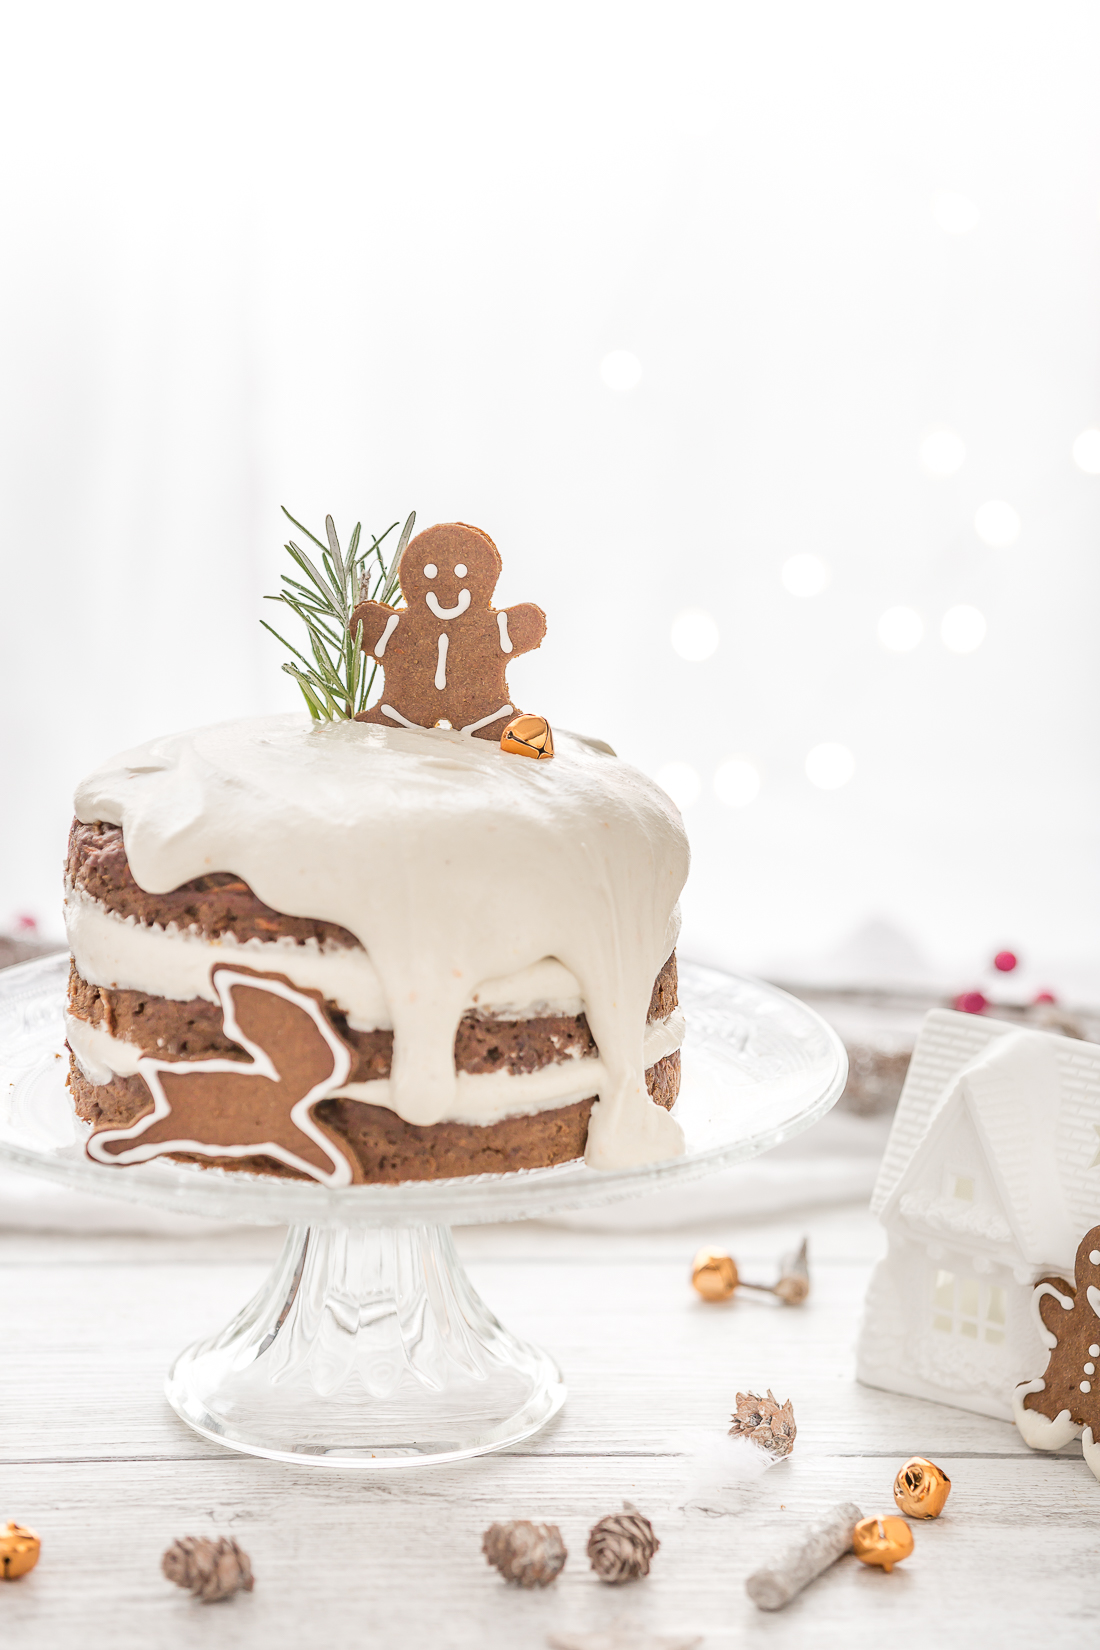 Torta di carote vegana al pan di zenzero e biscotti gingerbread